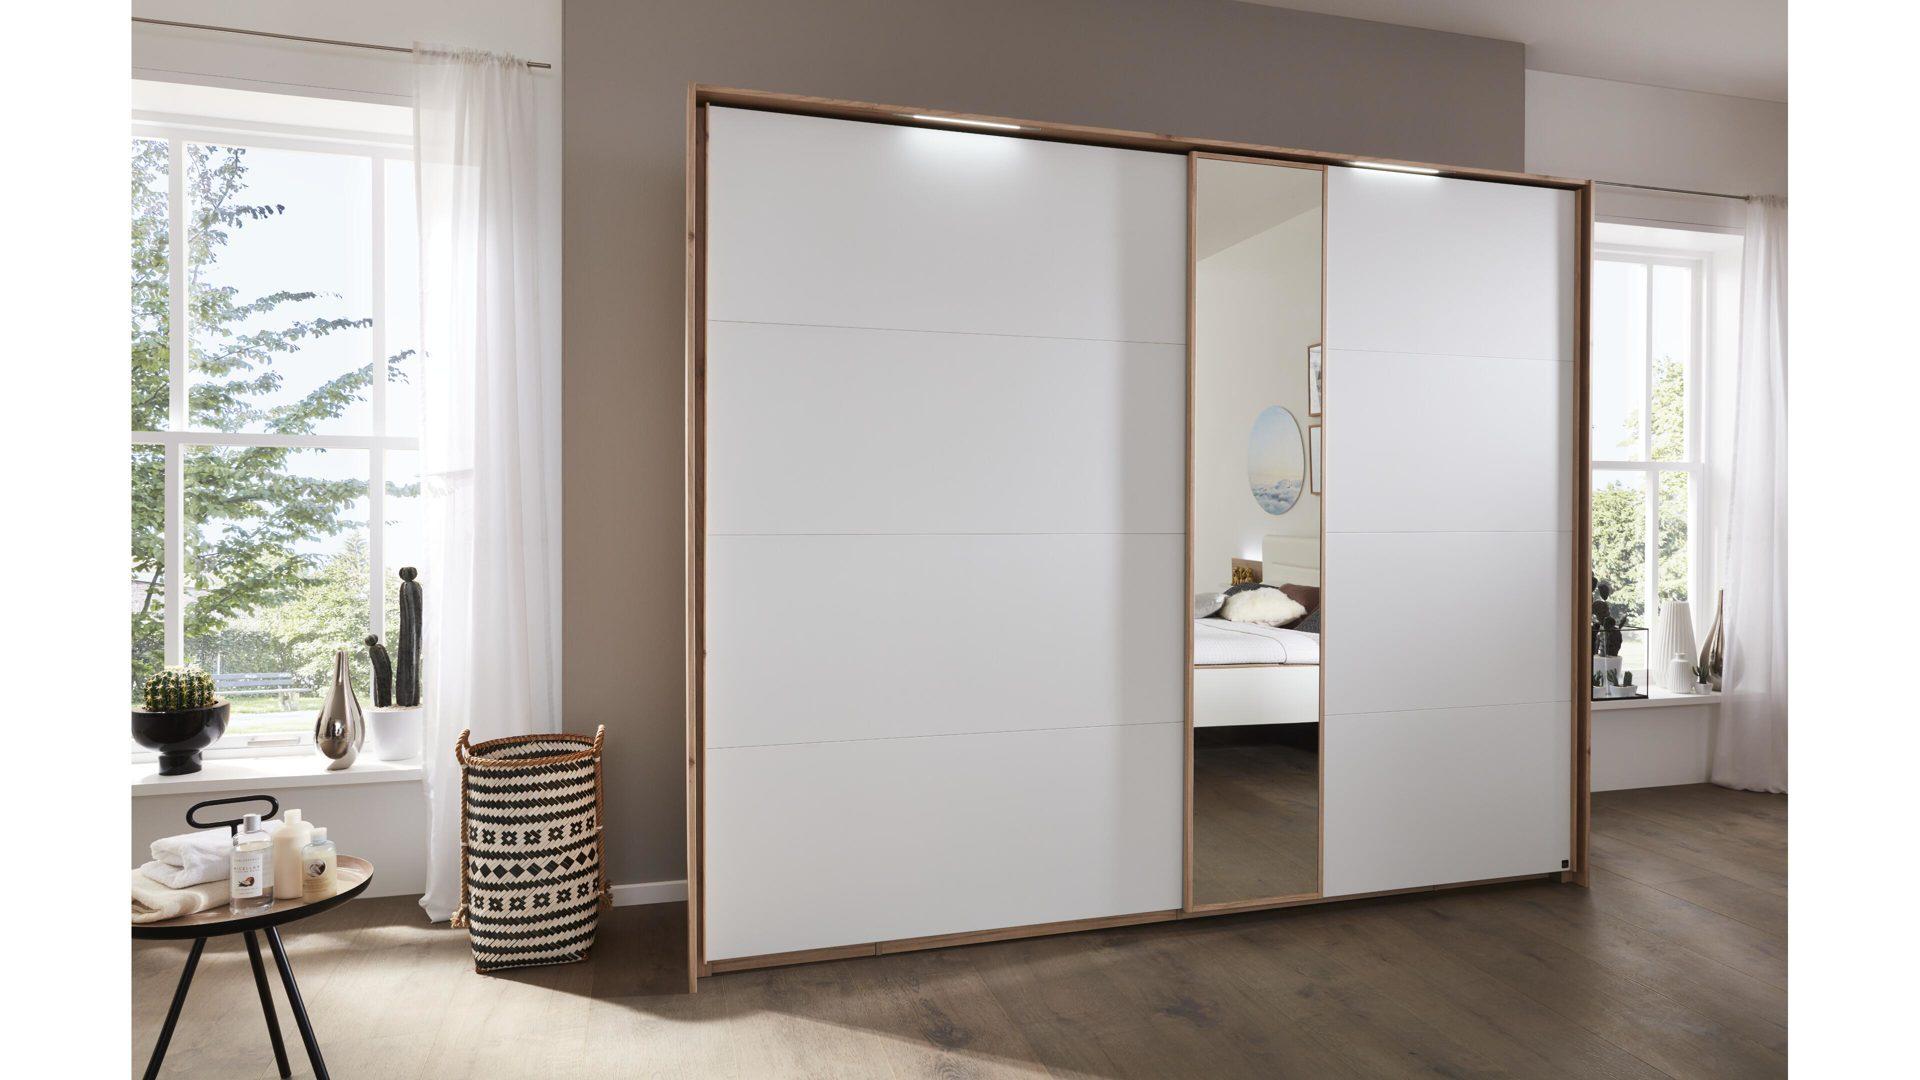 Interliving Schlafzimmer Serie 1011 – Schwebetürenschrank, Jackson  hickoryfarbene & weiße Kunststoffoberflächen – Breite